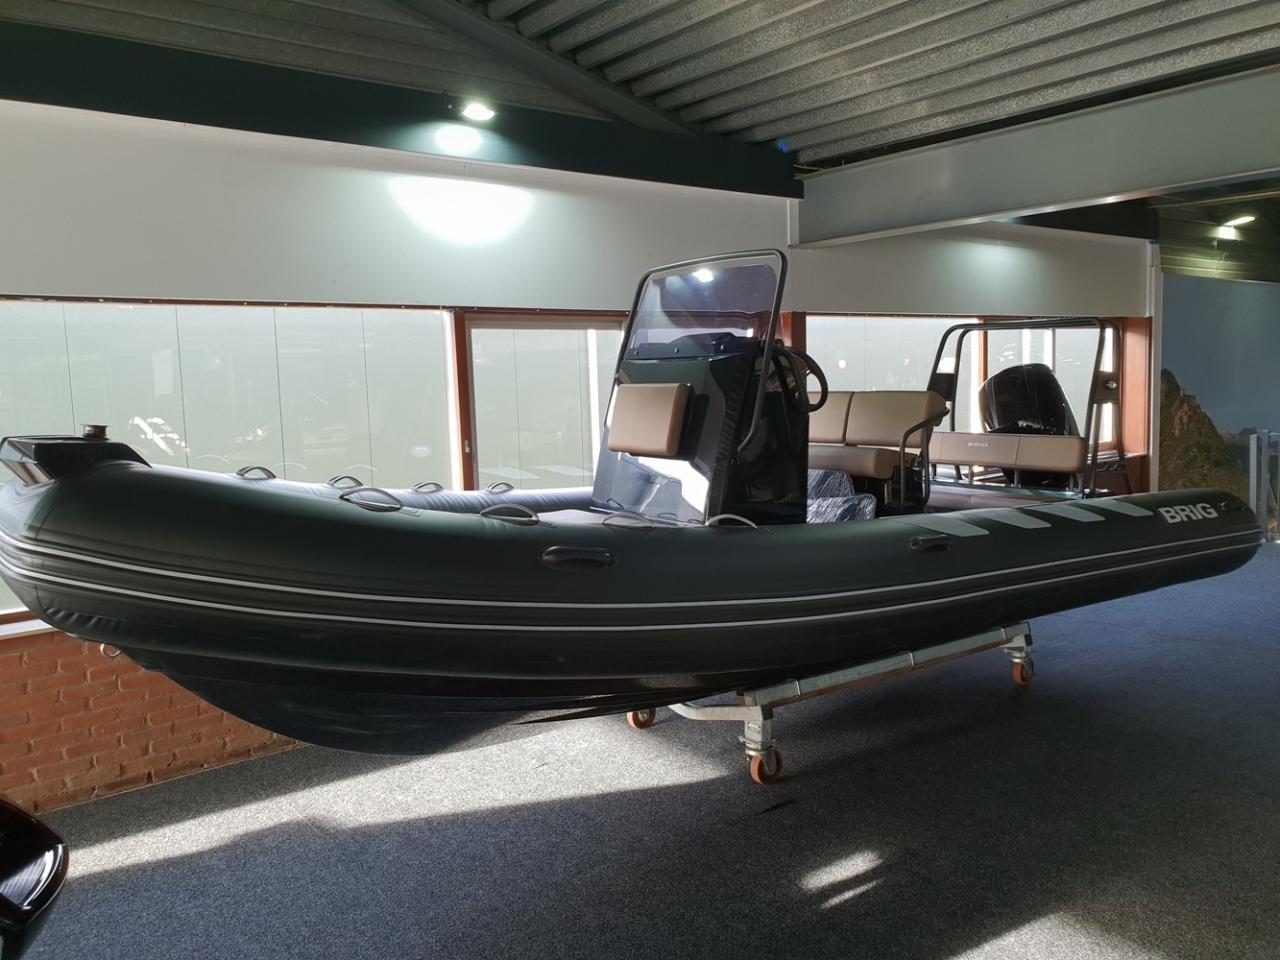 Brig 610 navigator met Mercury 150 pk 6